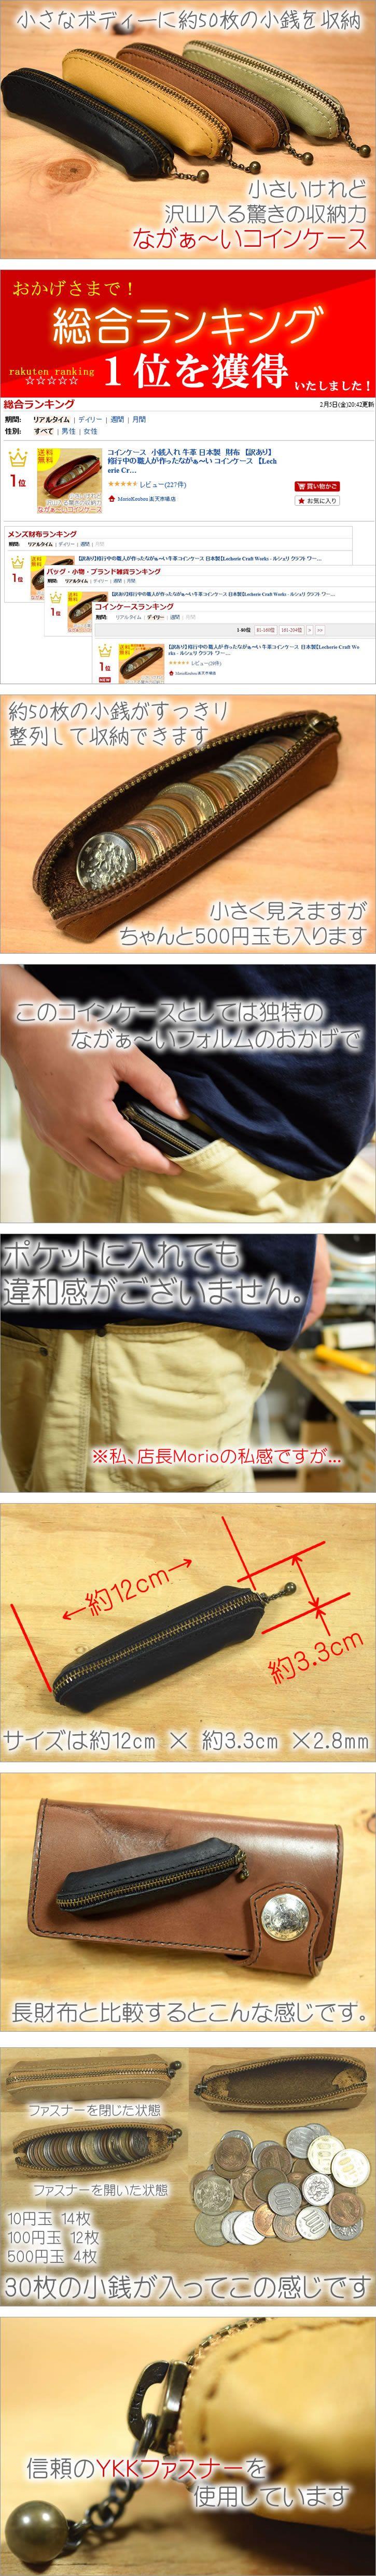 【訳あり】修行中の職人が作ったながぁ~い牛革コインケース 日本製【LeCherie Craft Works - ルシェリ クラフト ワークス -】小銭入れ 財布 【クロネコDM便送料無料】